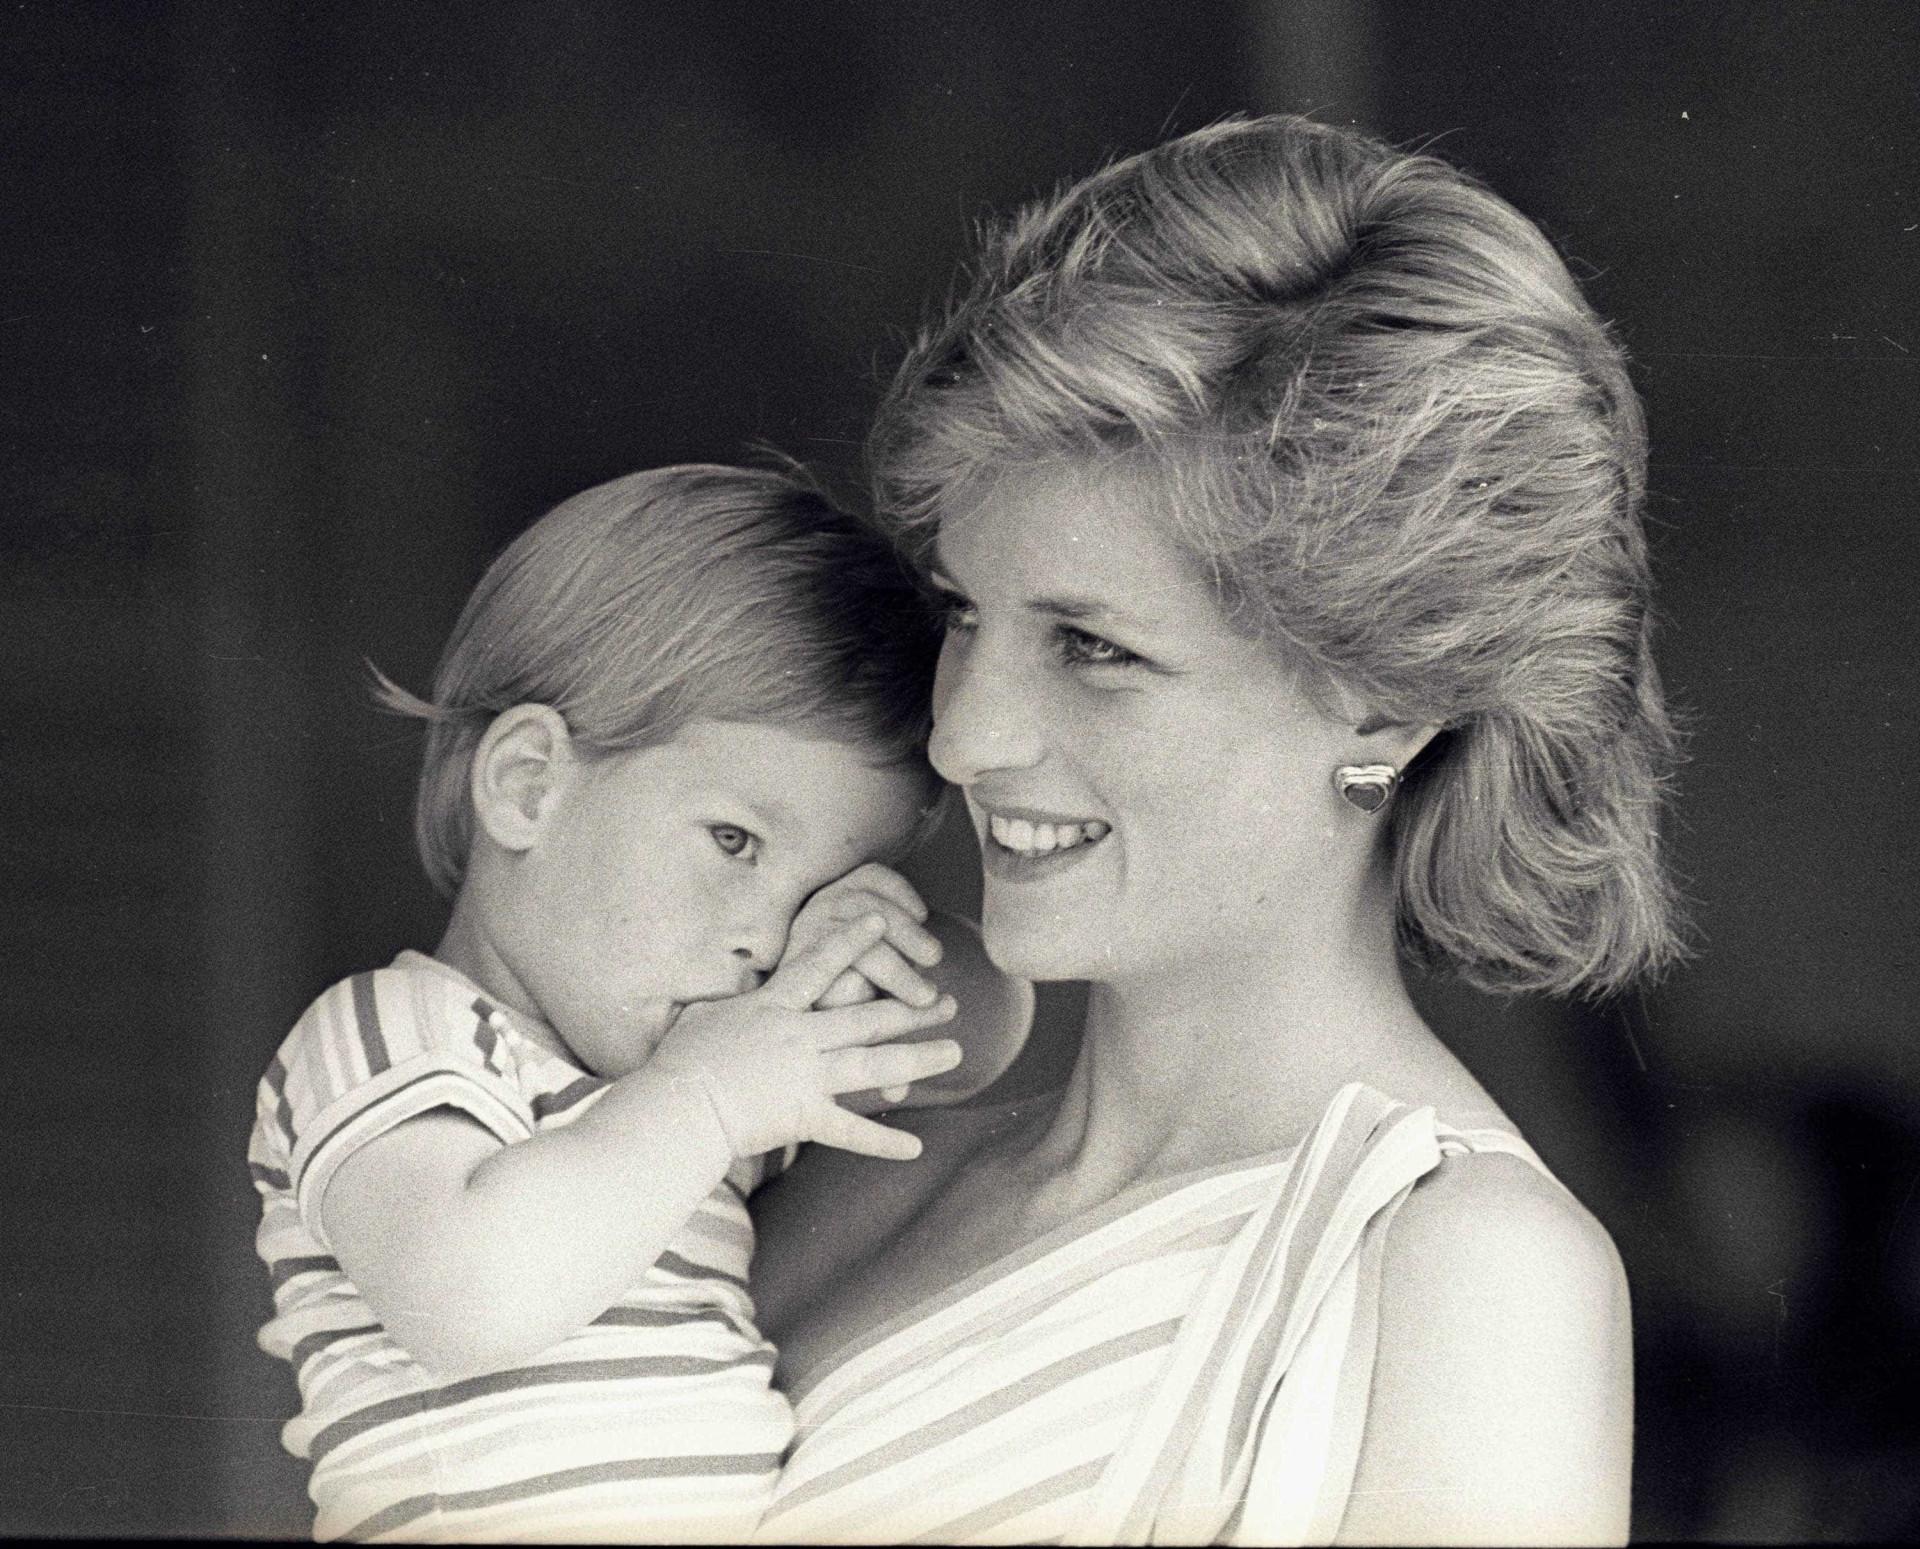 Príncipe Harry: 34 anos de uma vida repleta de emoções